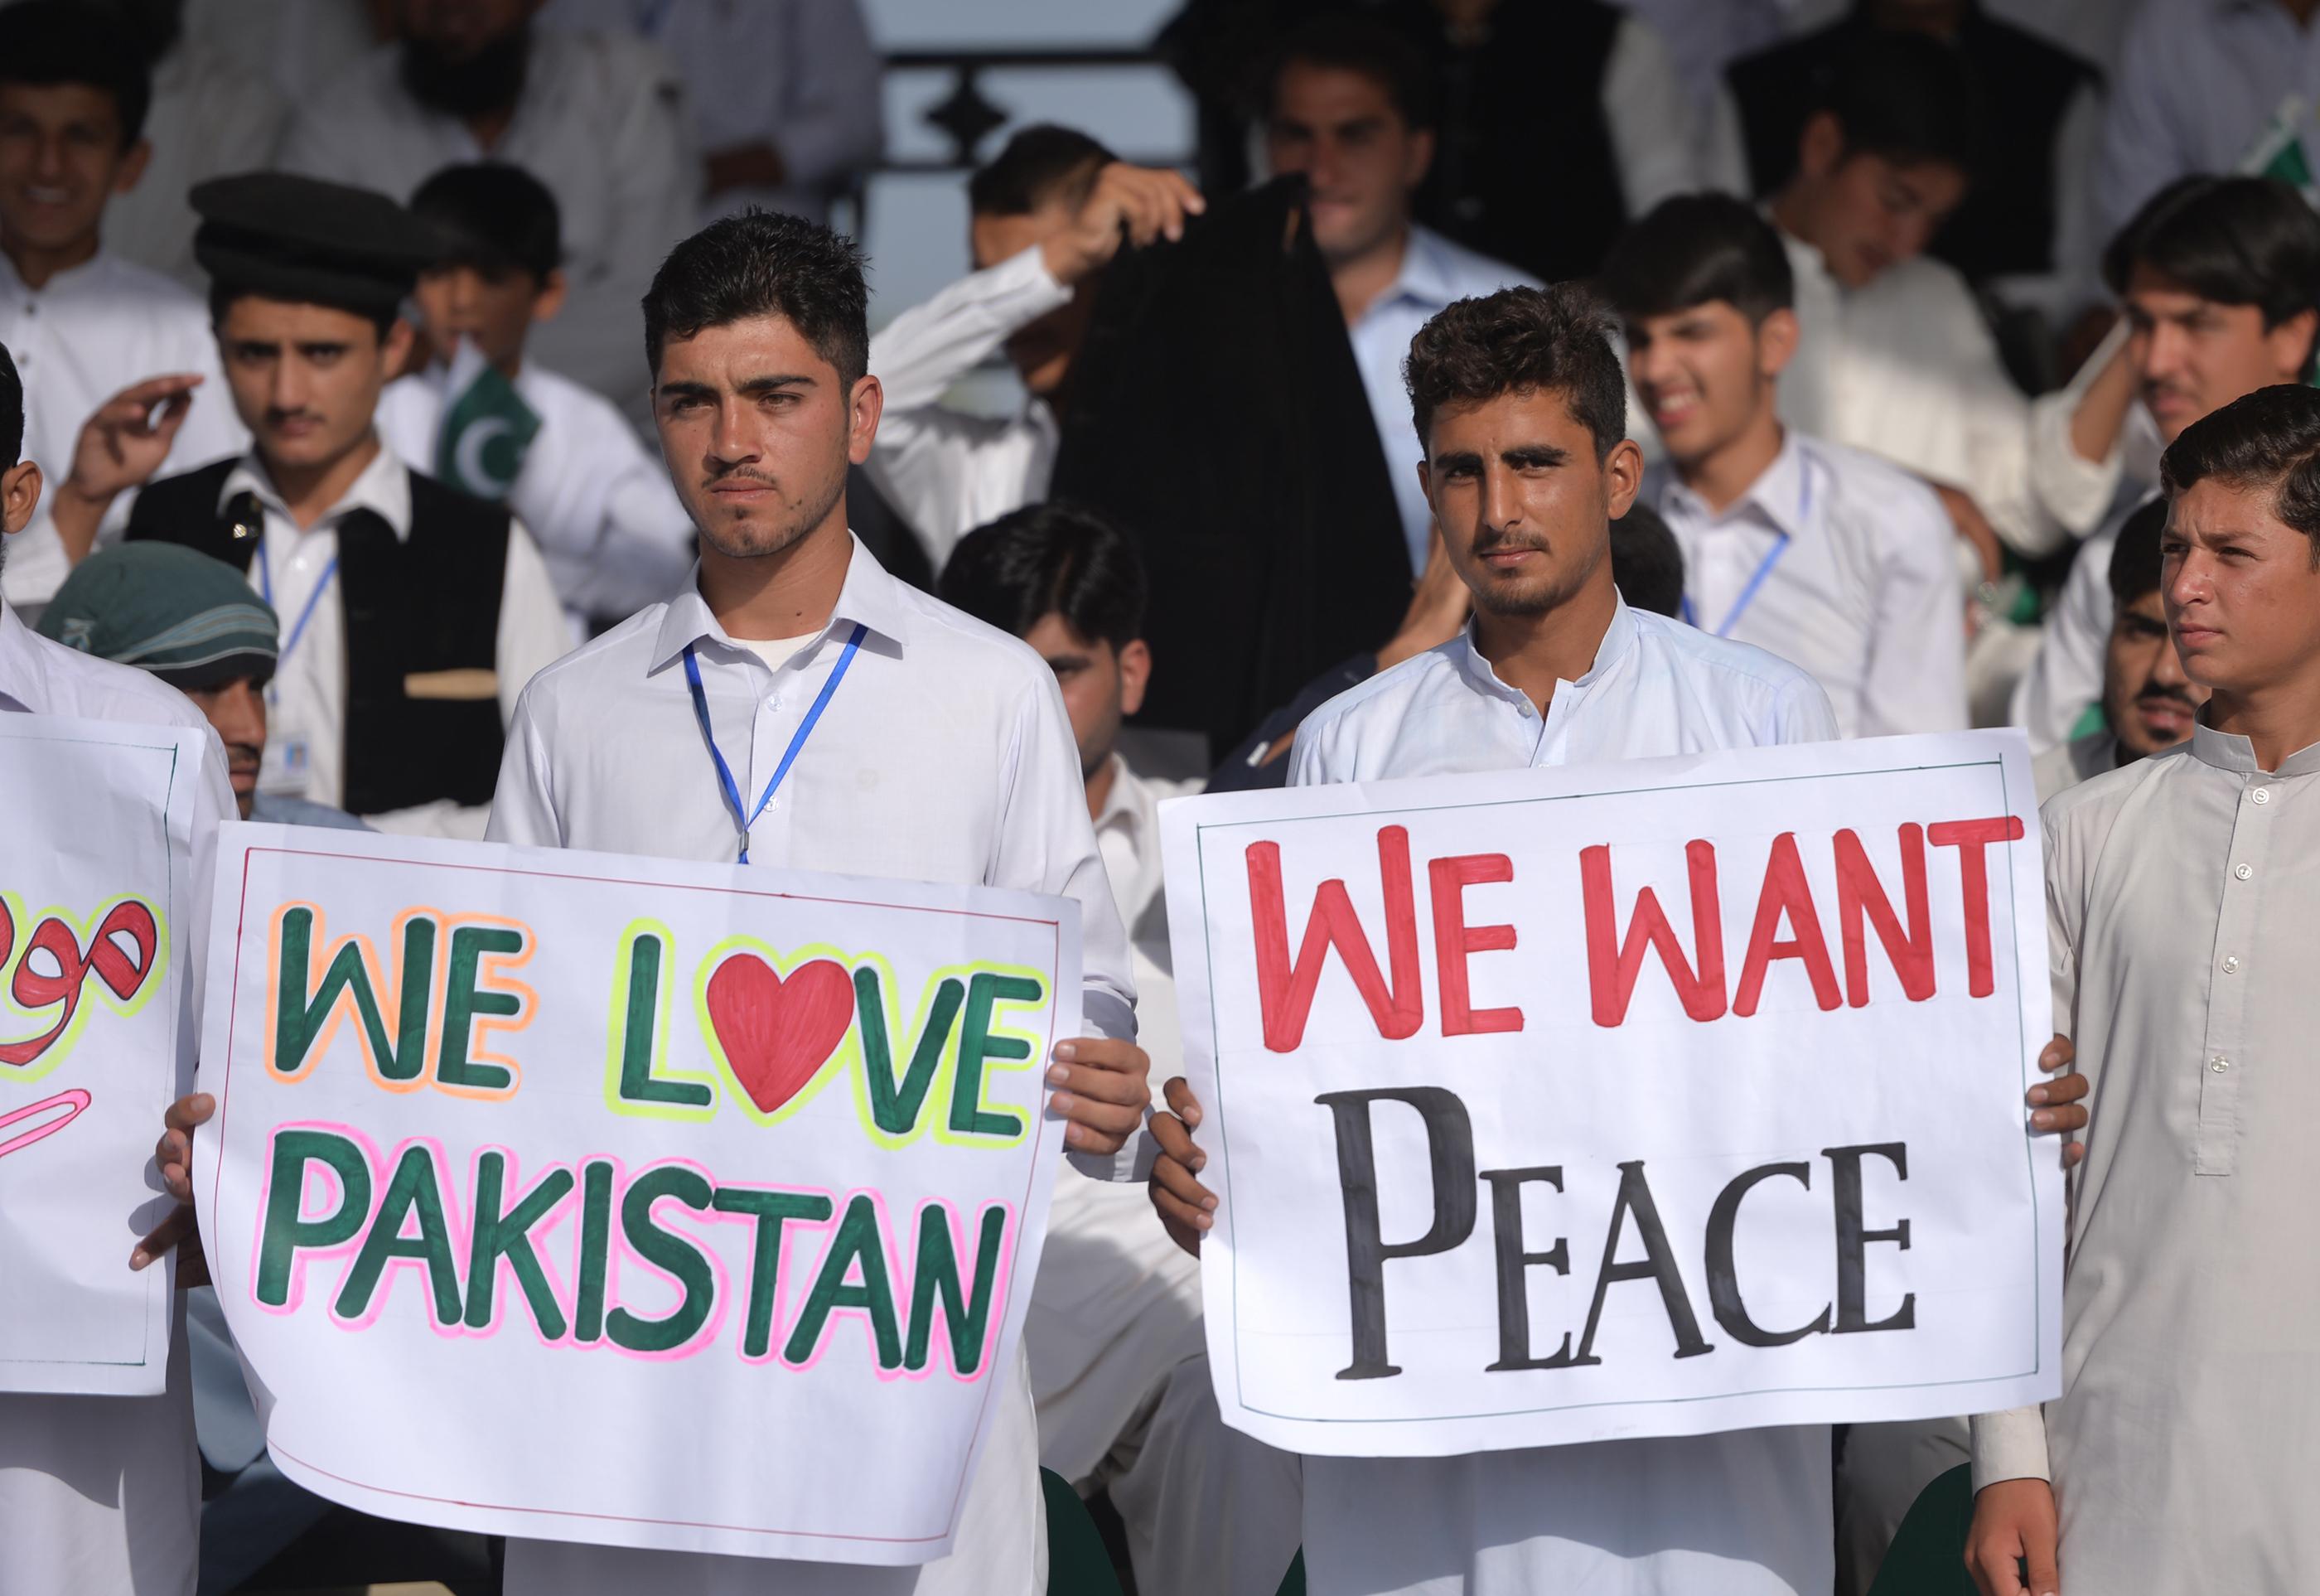 Pakistan set to enable FATA-KP merger